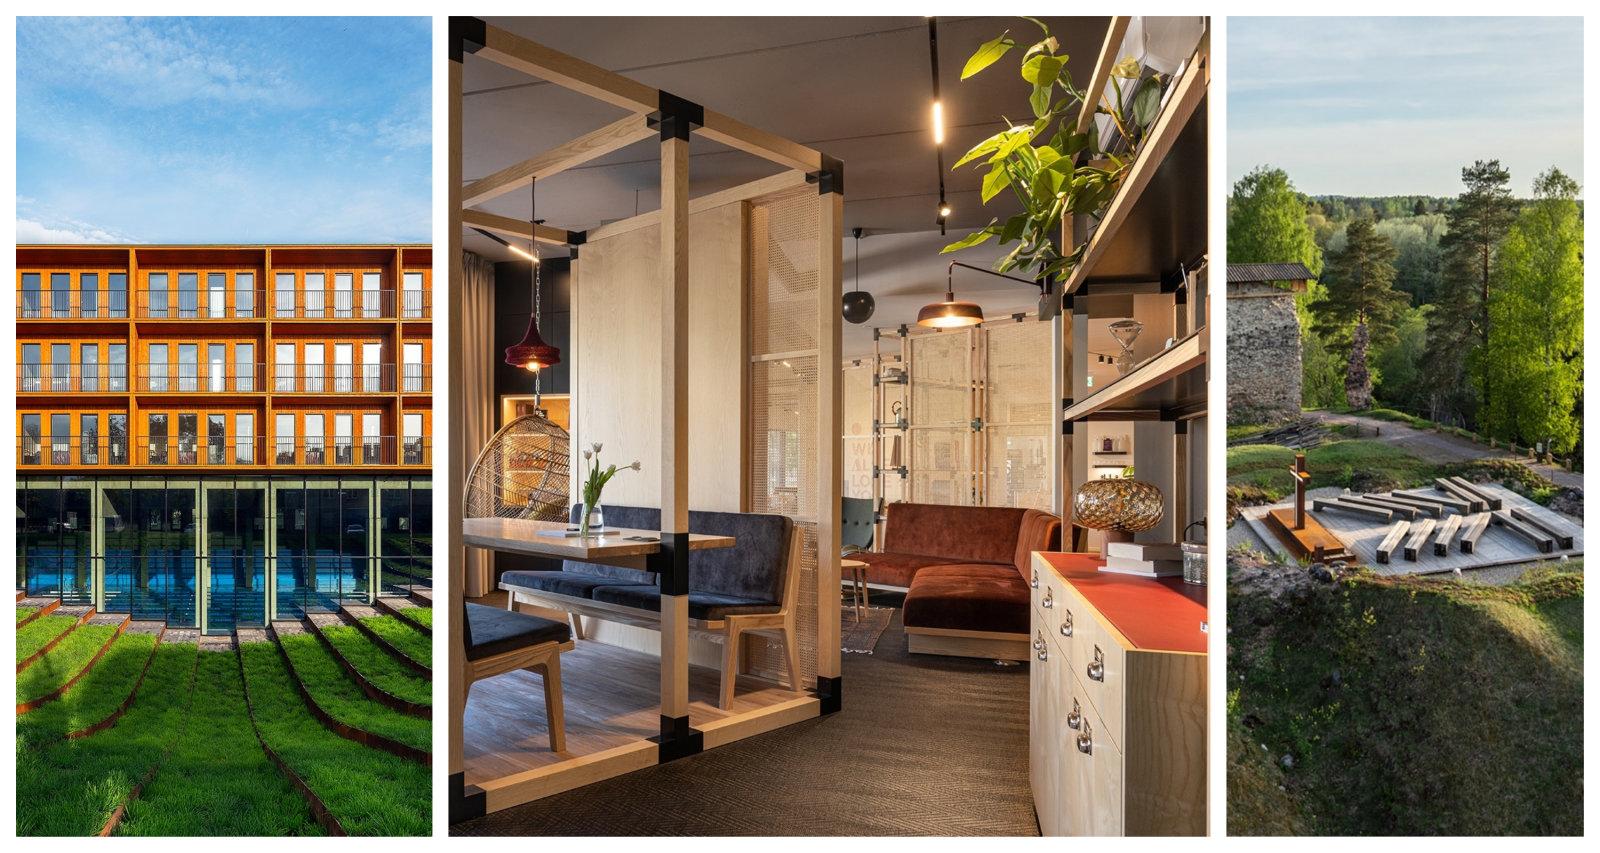 FOTOD | Selgusid Eesti Arhitektuuripreemiad 2020 laureaadid: